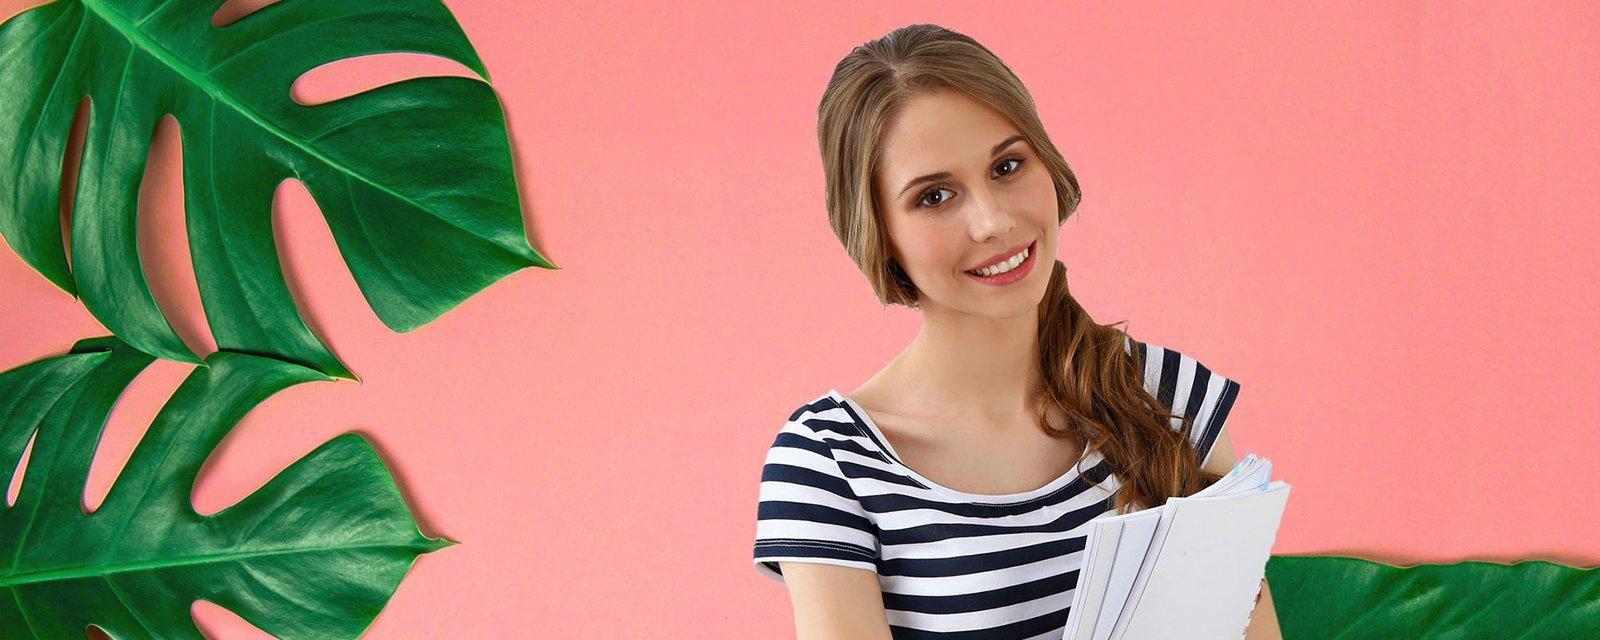 Nainen vaaleanpunaista taustaa vasten papereita käsissään, kuvituskuva.